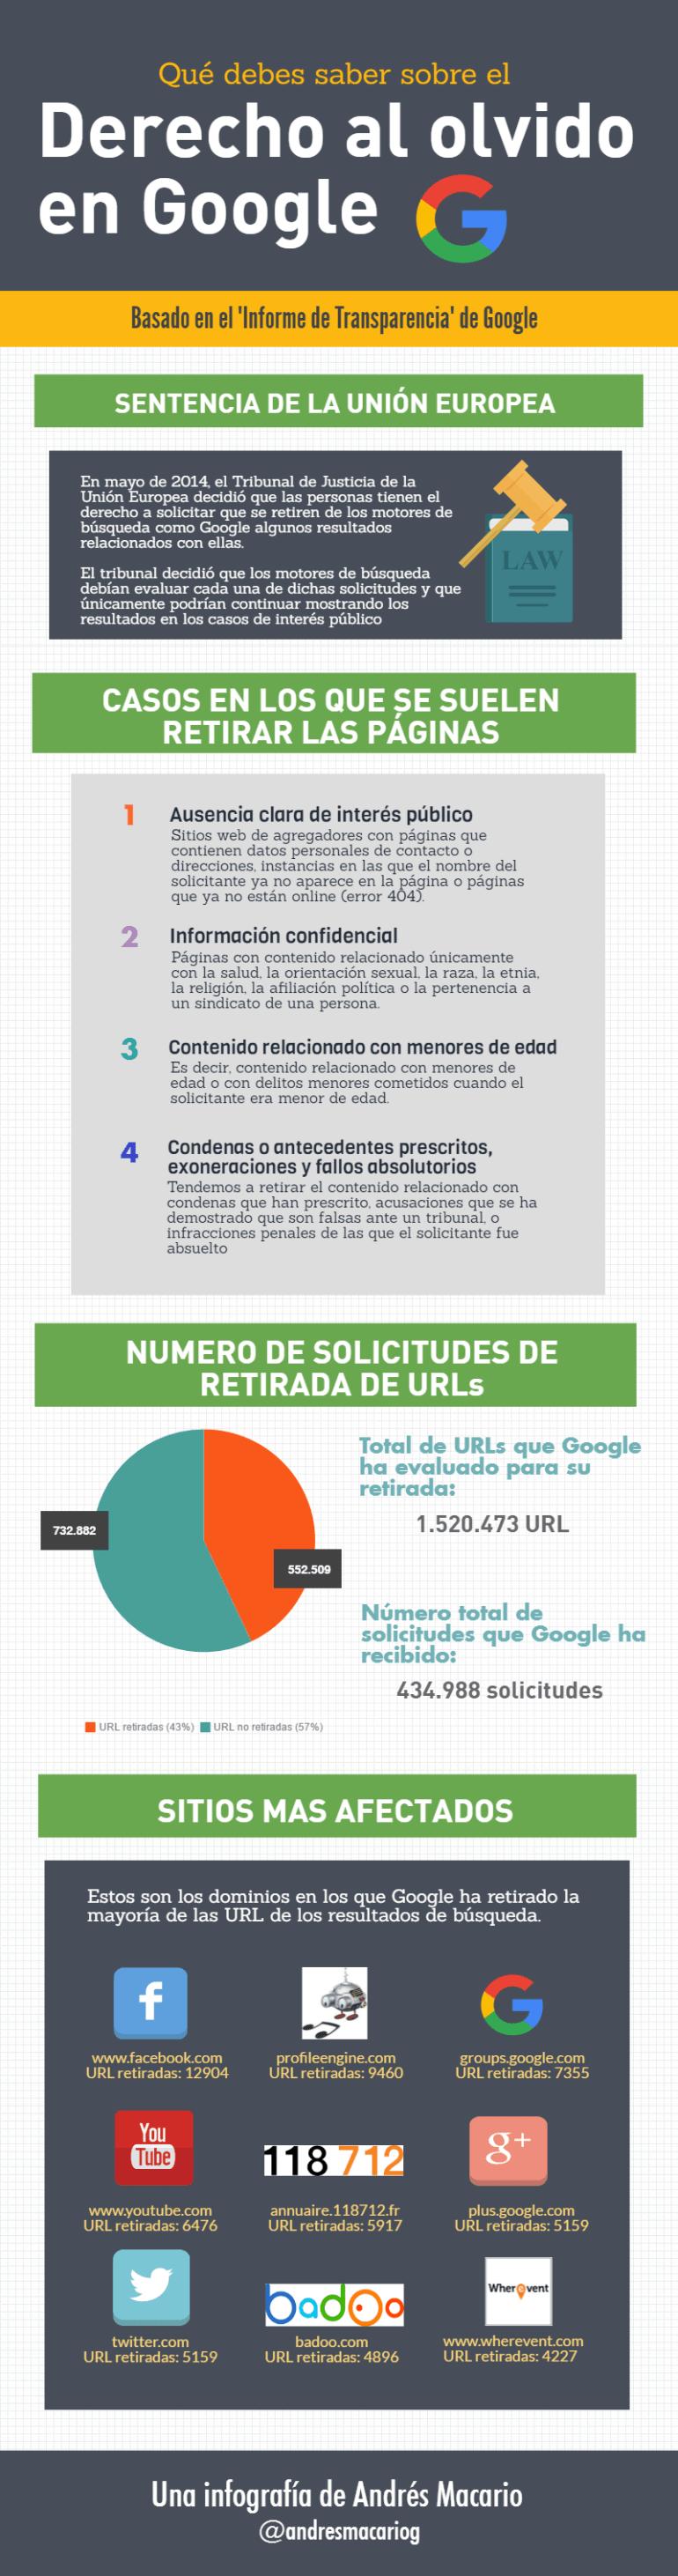 derecho-al-olvido-infografia-de-andres-macario